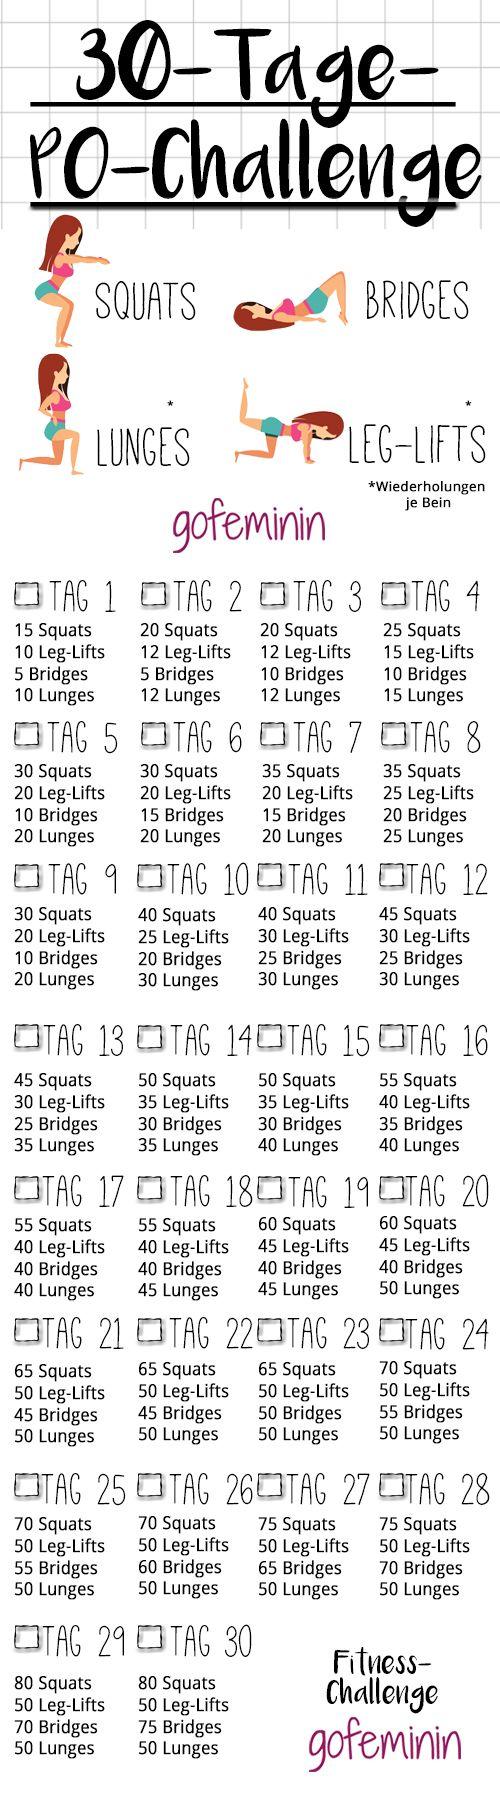 30-Tage-Po-Challenge: In einem Monat zu einem knackigeren Po! #30-Days-Butt-Challenge (Trainingsplan zum Ausdrucken) http://www.gofeminin.de/sport/30-tage-po-challenge-s2129419.html